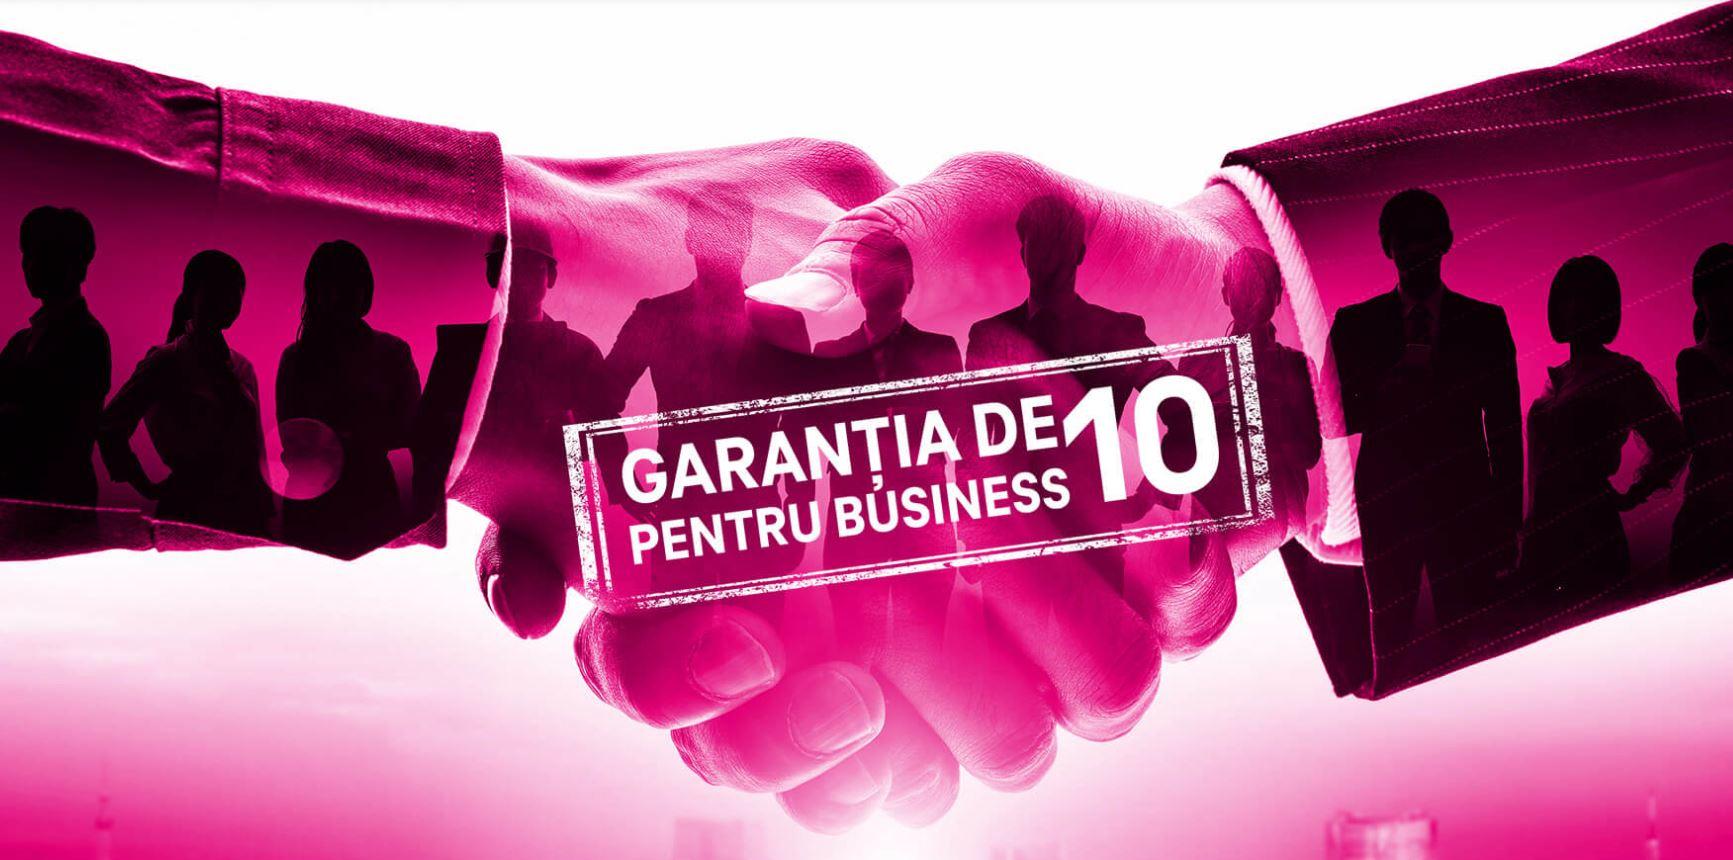 (P) Telekom România susţine antreprenorii români prin Garanția de 10 pentru business